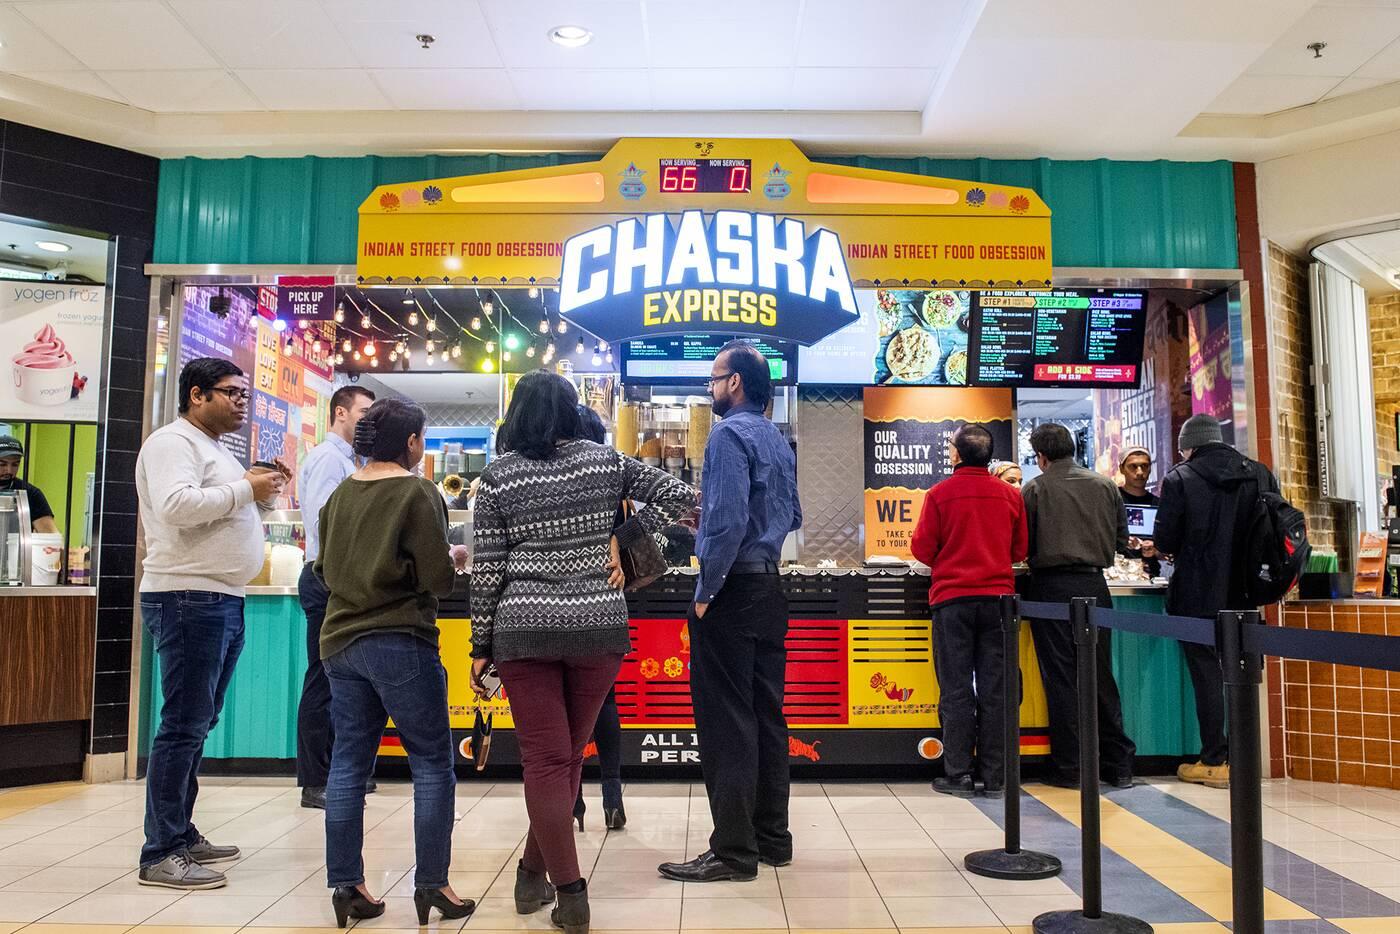 Chaska Toronto